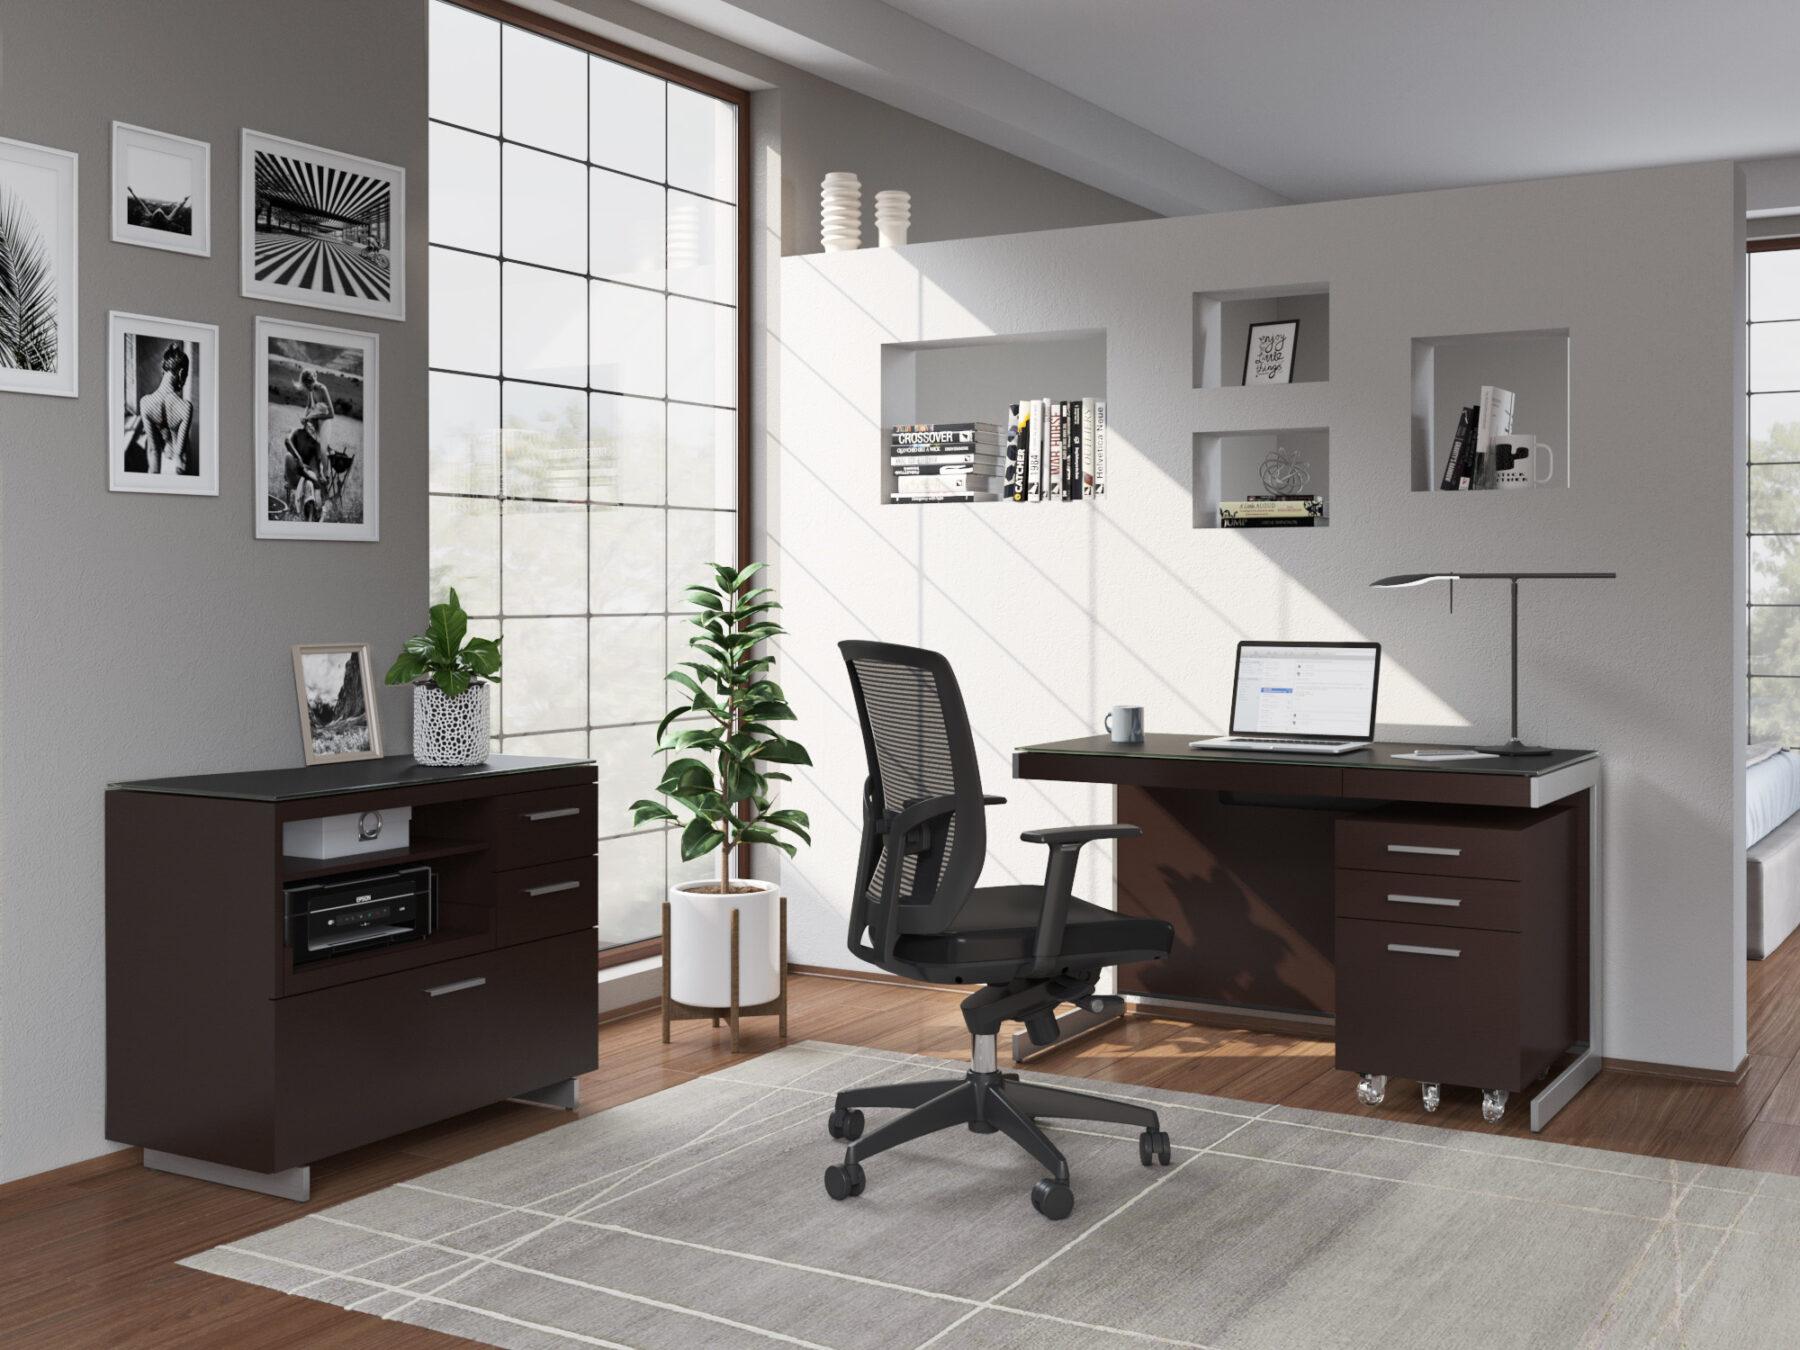 sequel-collection-6003-6017-6007-ES-BDI-compact-desk-LS1